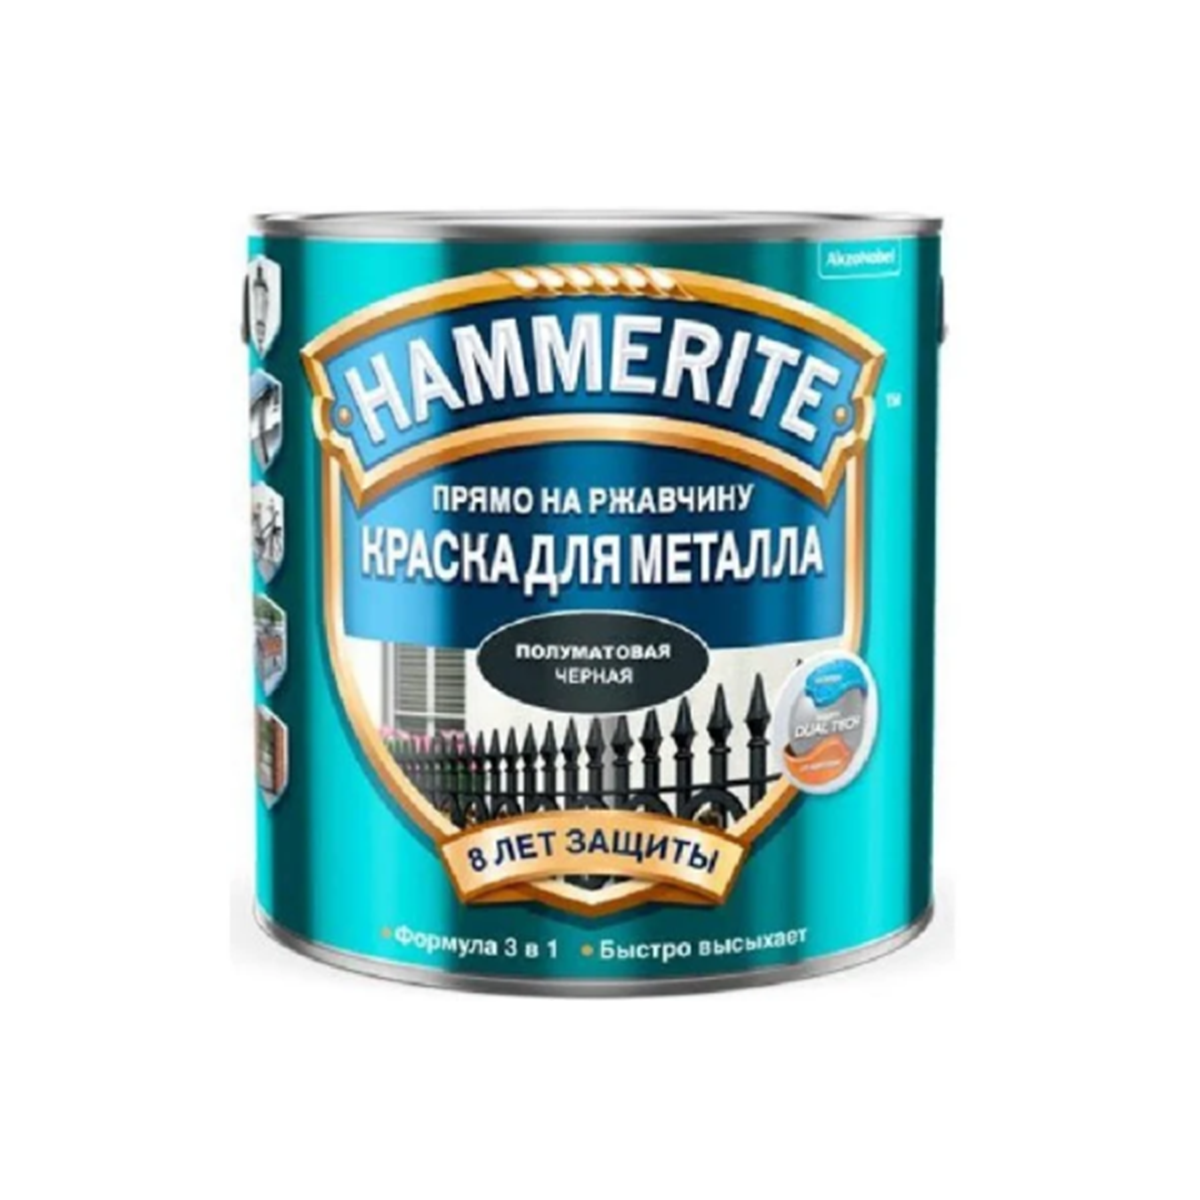 Антикорозійна емаль Hammerite Satin 3 в 1 чорний напівматовий 2.5л